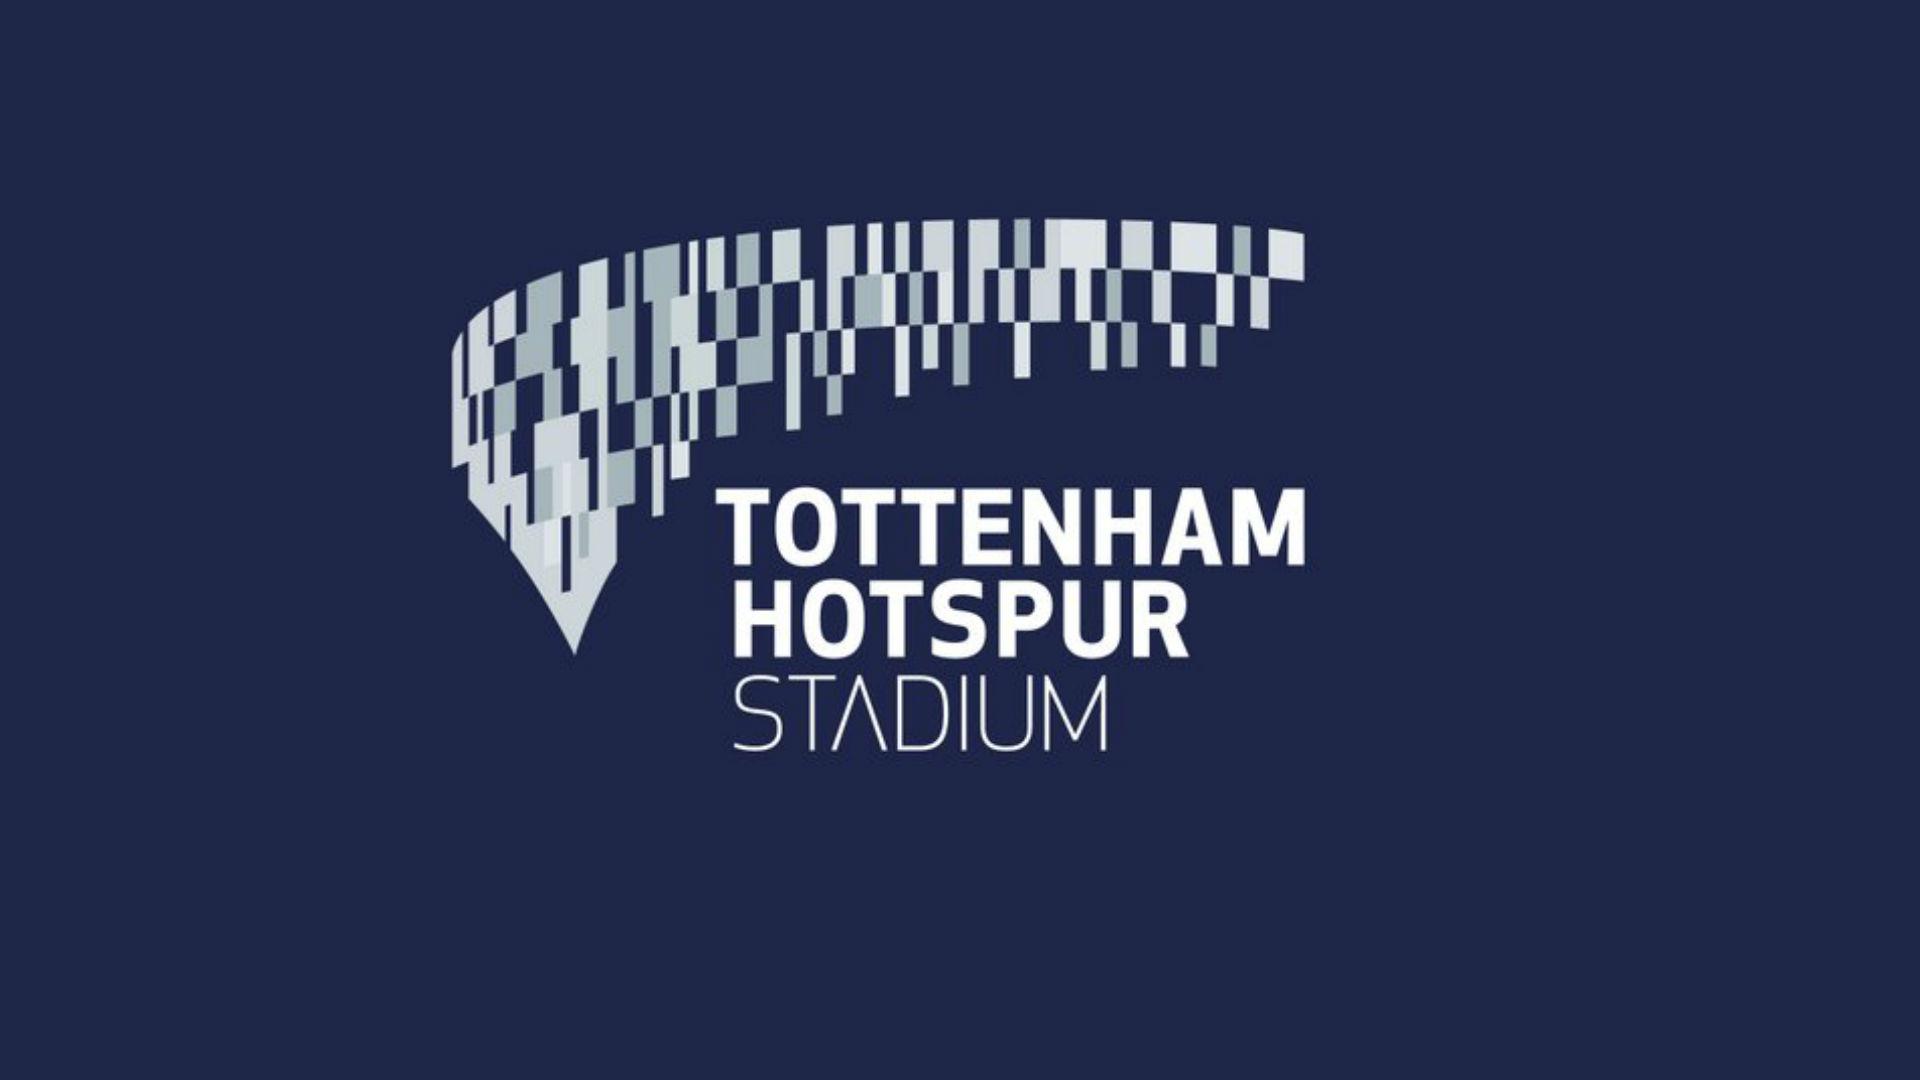 Tottenham Hotspur Stadium brand